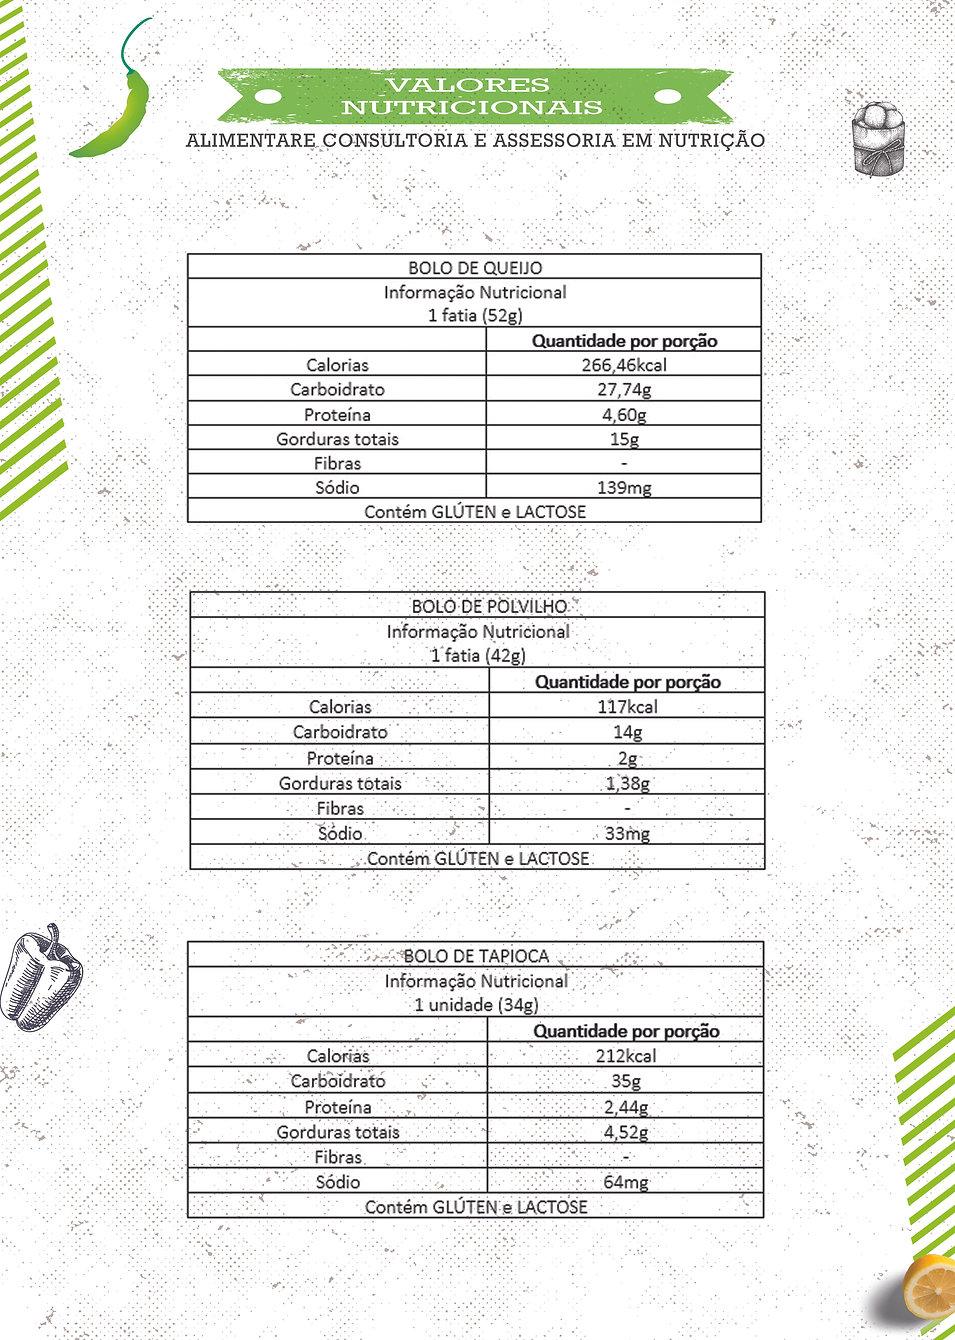 VALORES NUTRICIONAIS PAG 3.jpg